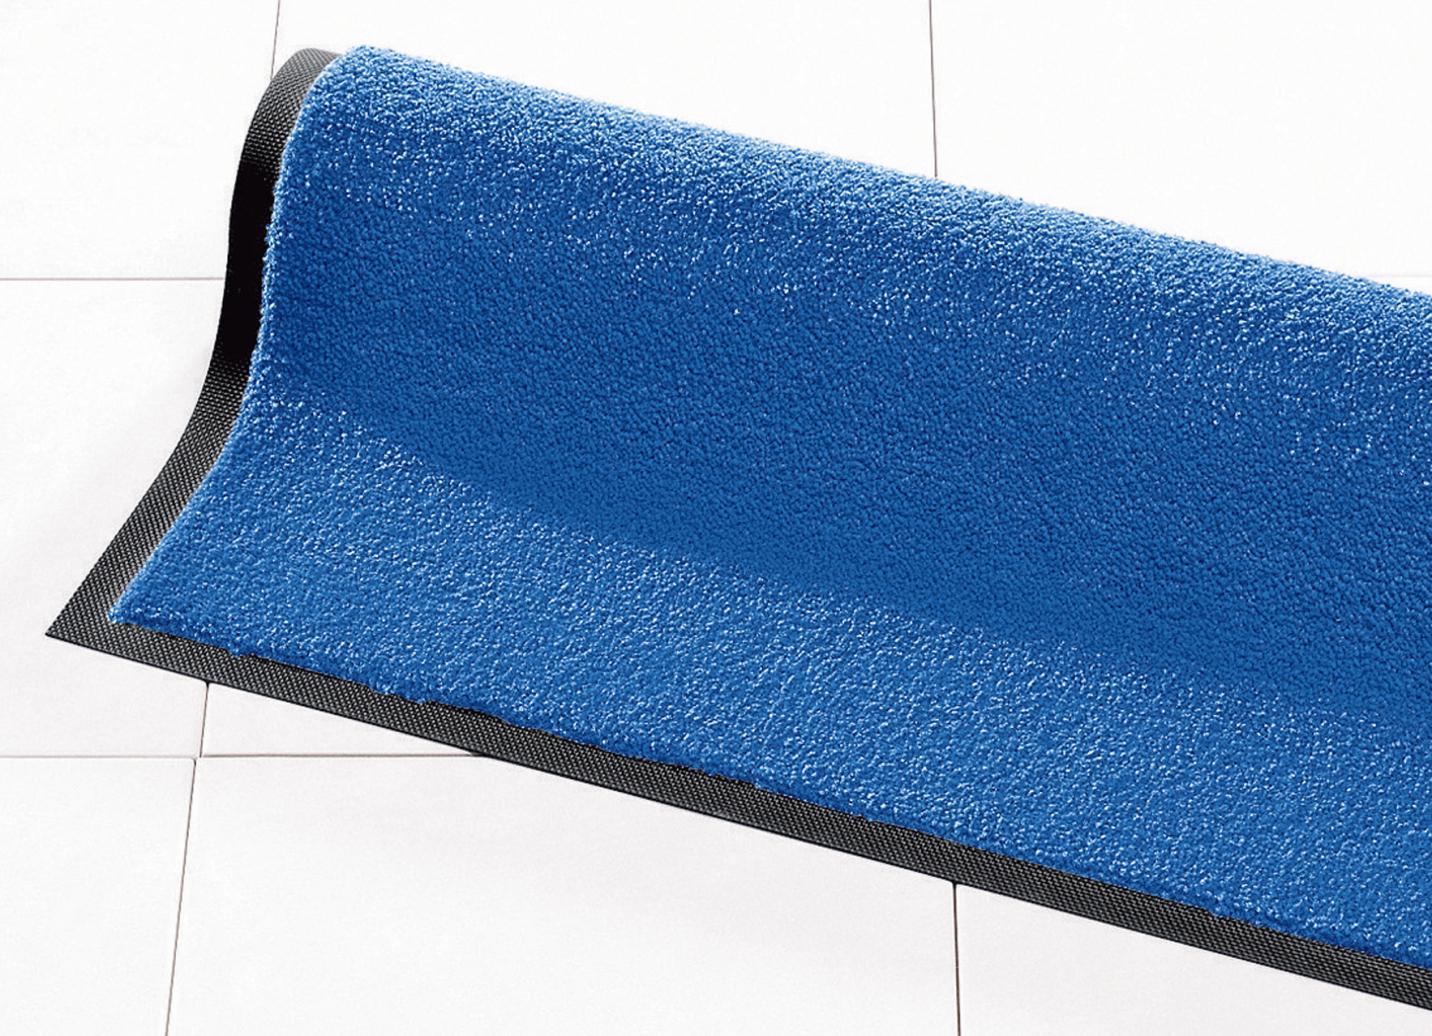 Schmutzfangmatten für innen und außen, Größe 101 (Matte, 40x 60 cm), Blau